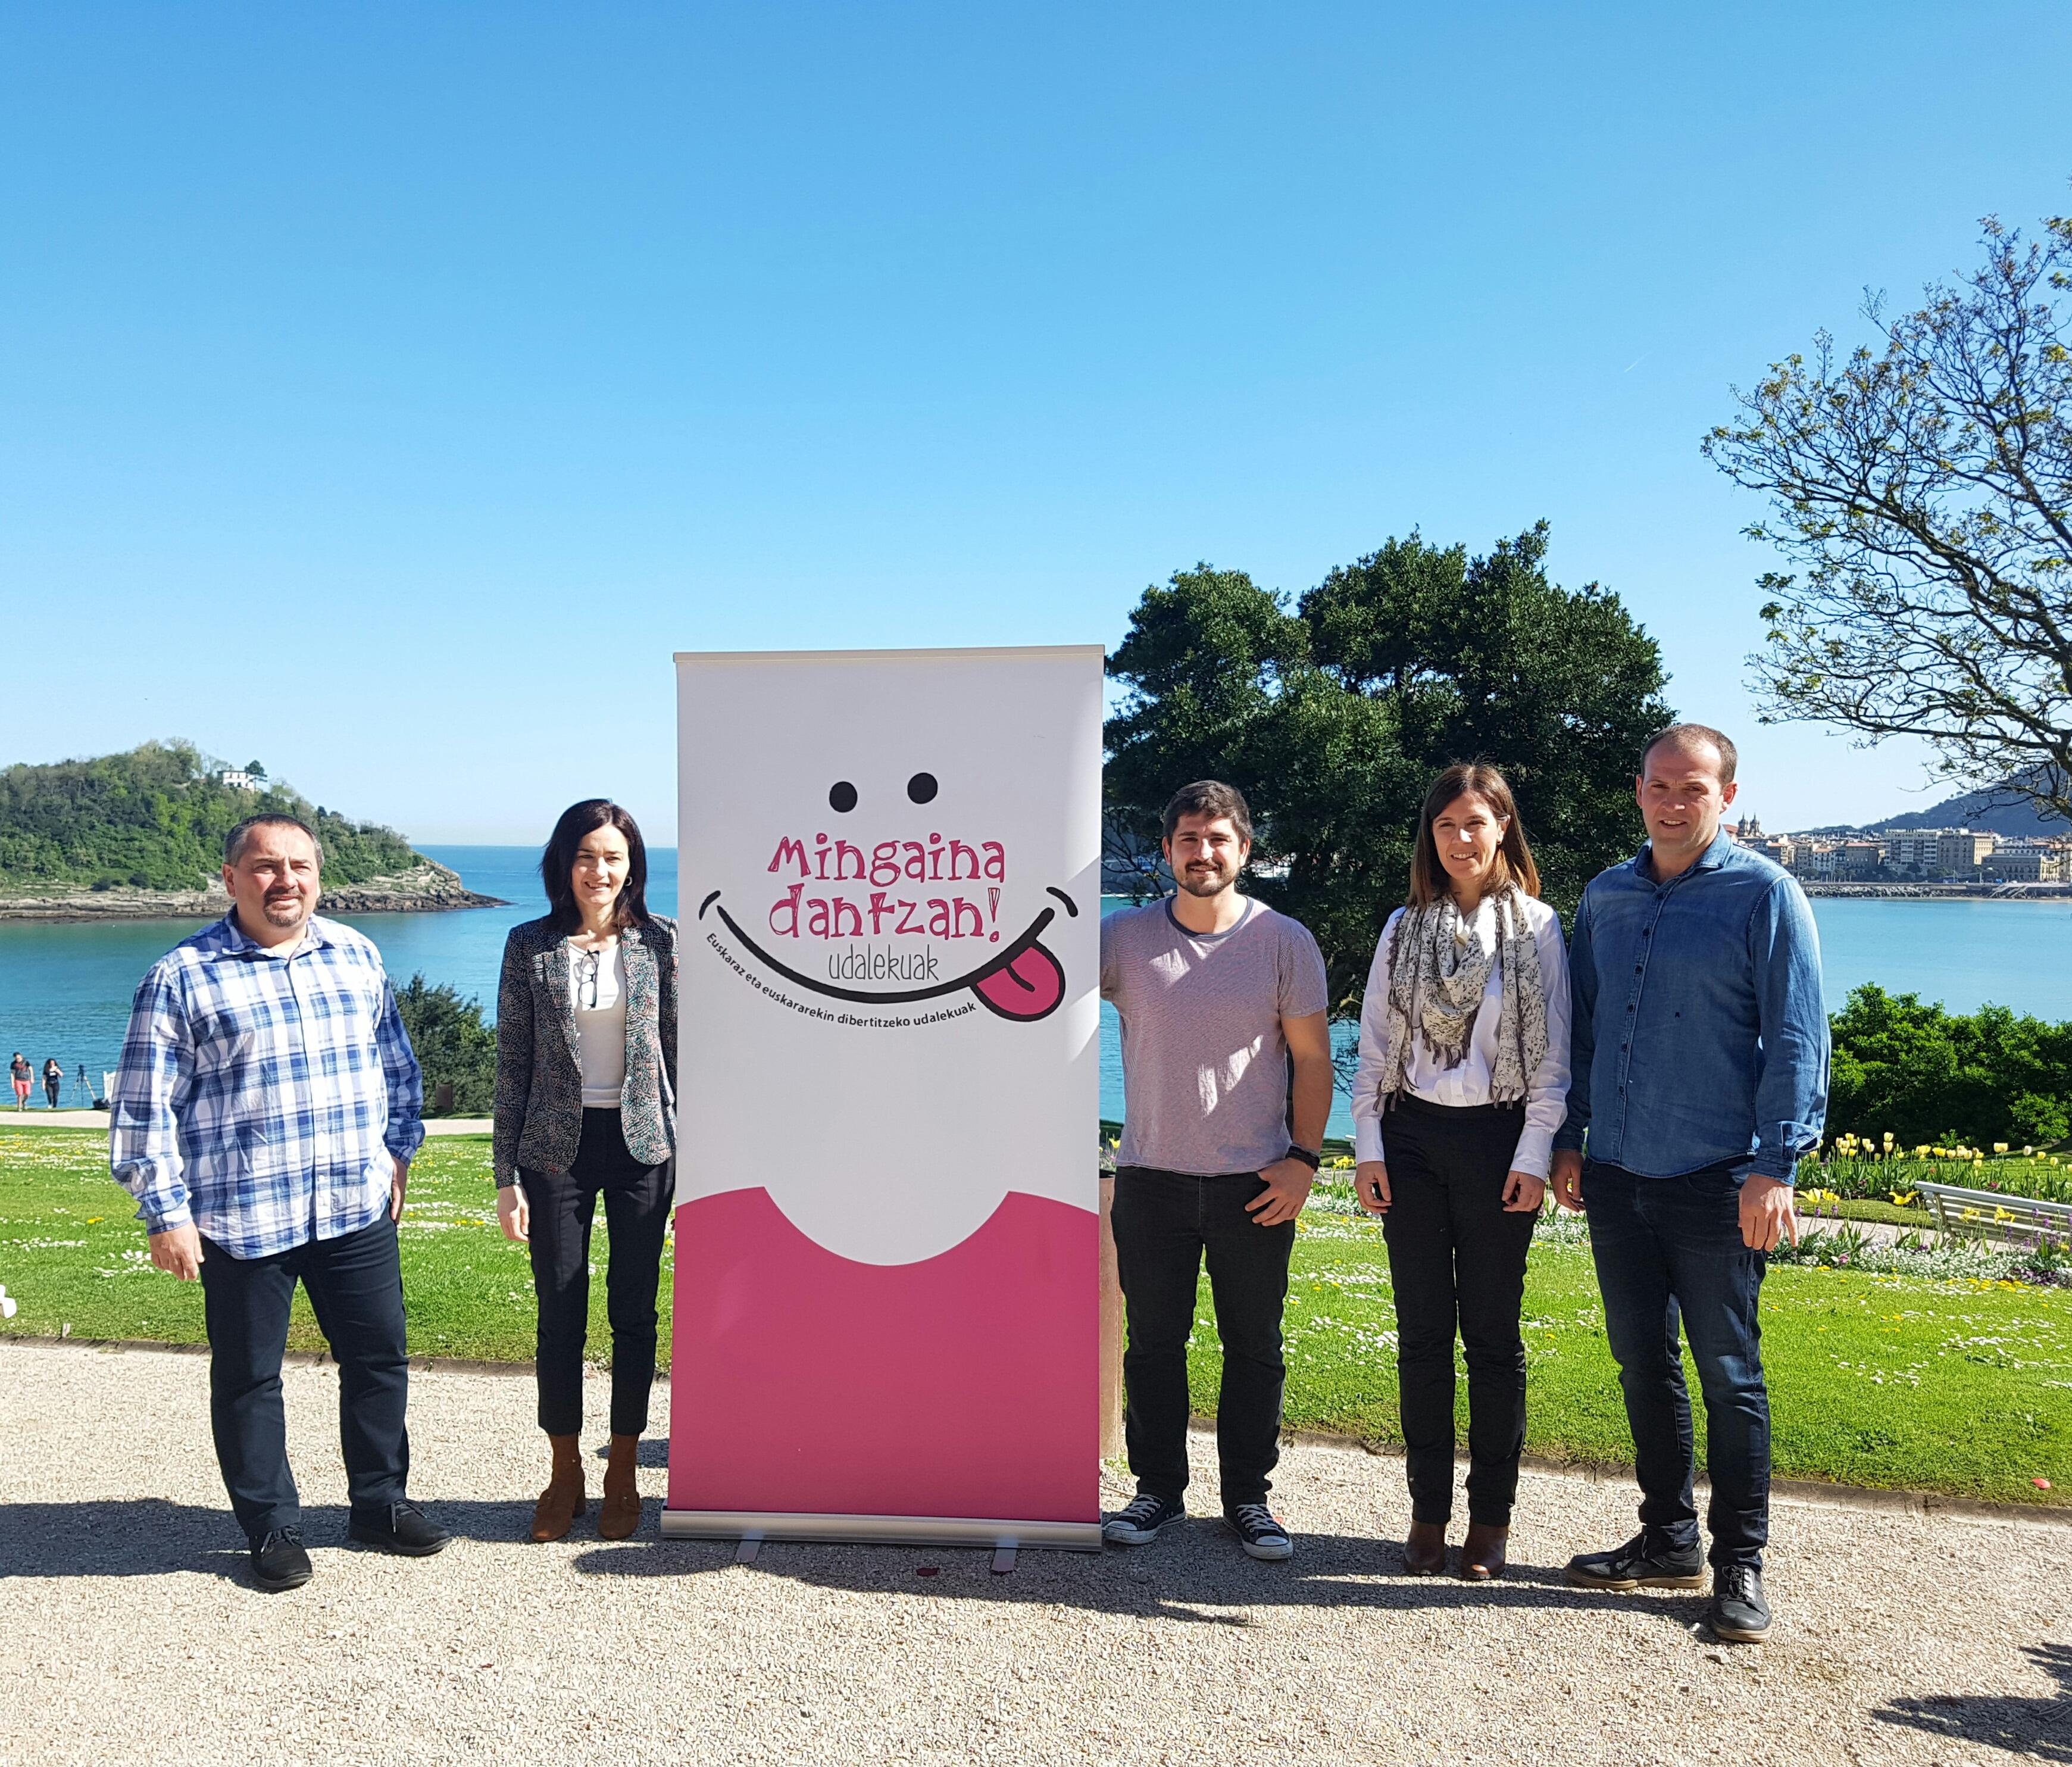 El Departamento de Cultura y Política Lingüística del Gobierno Vasco ha presentado la segunda edición de las colonias de verano Mingaina Dantzan, un proyecto que servirá para desarrollar una investigación sociolingüística en torno al uso del euskera